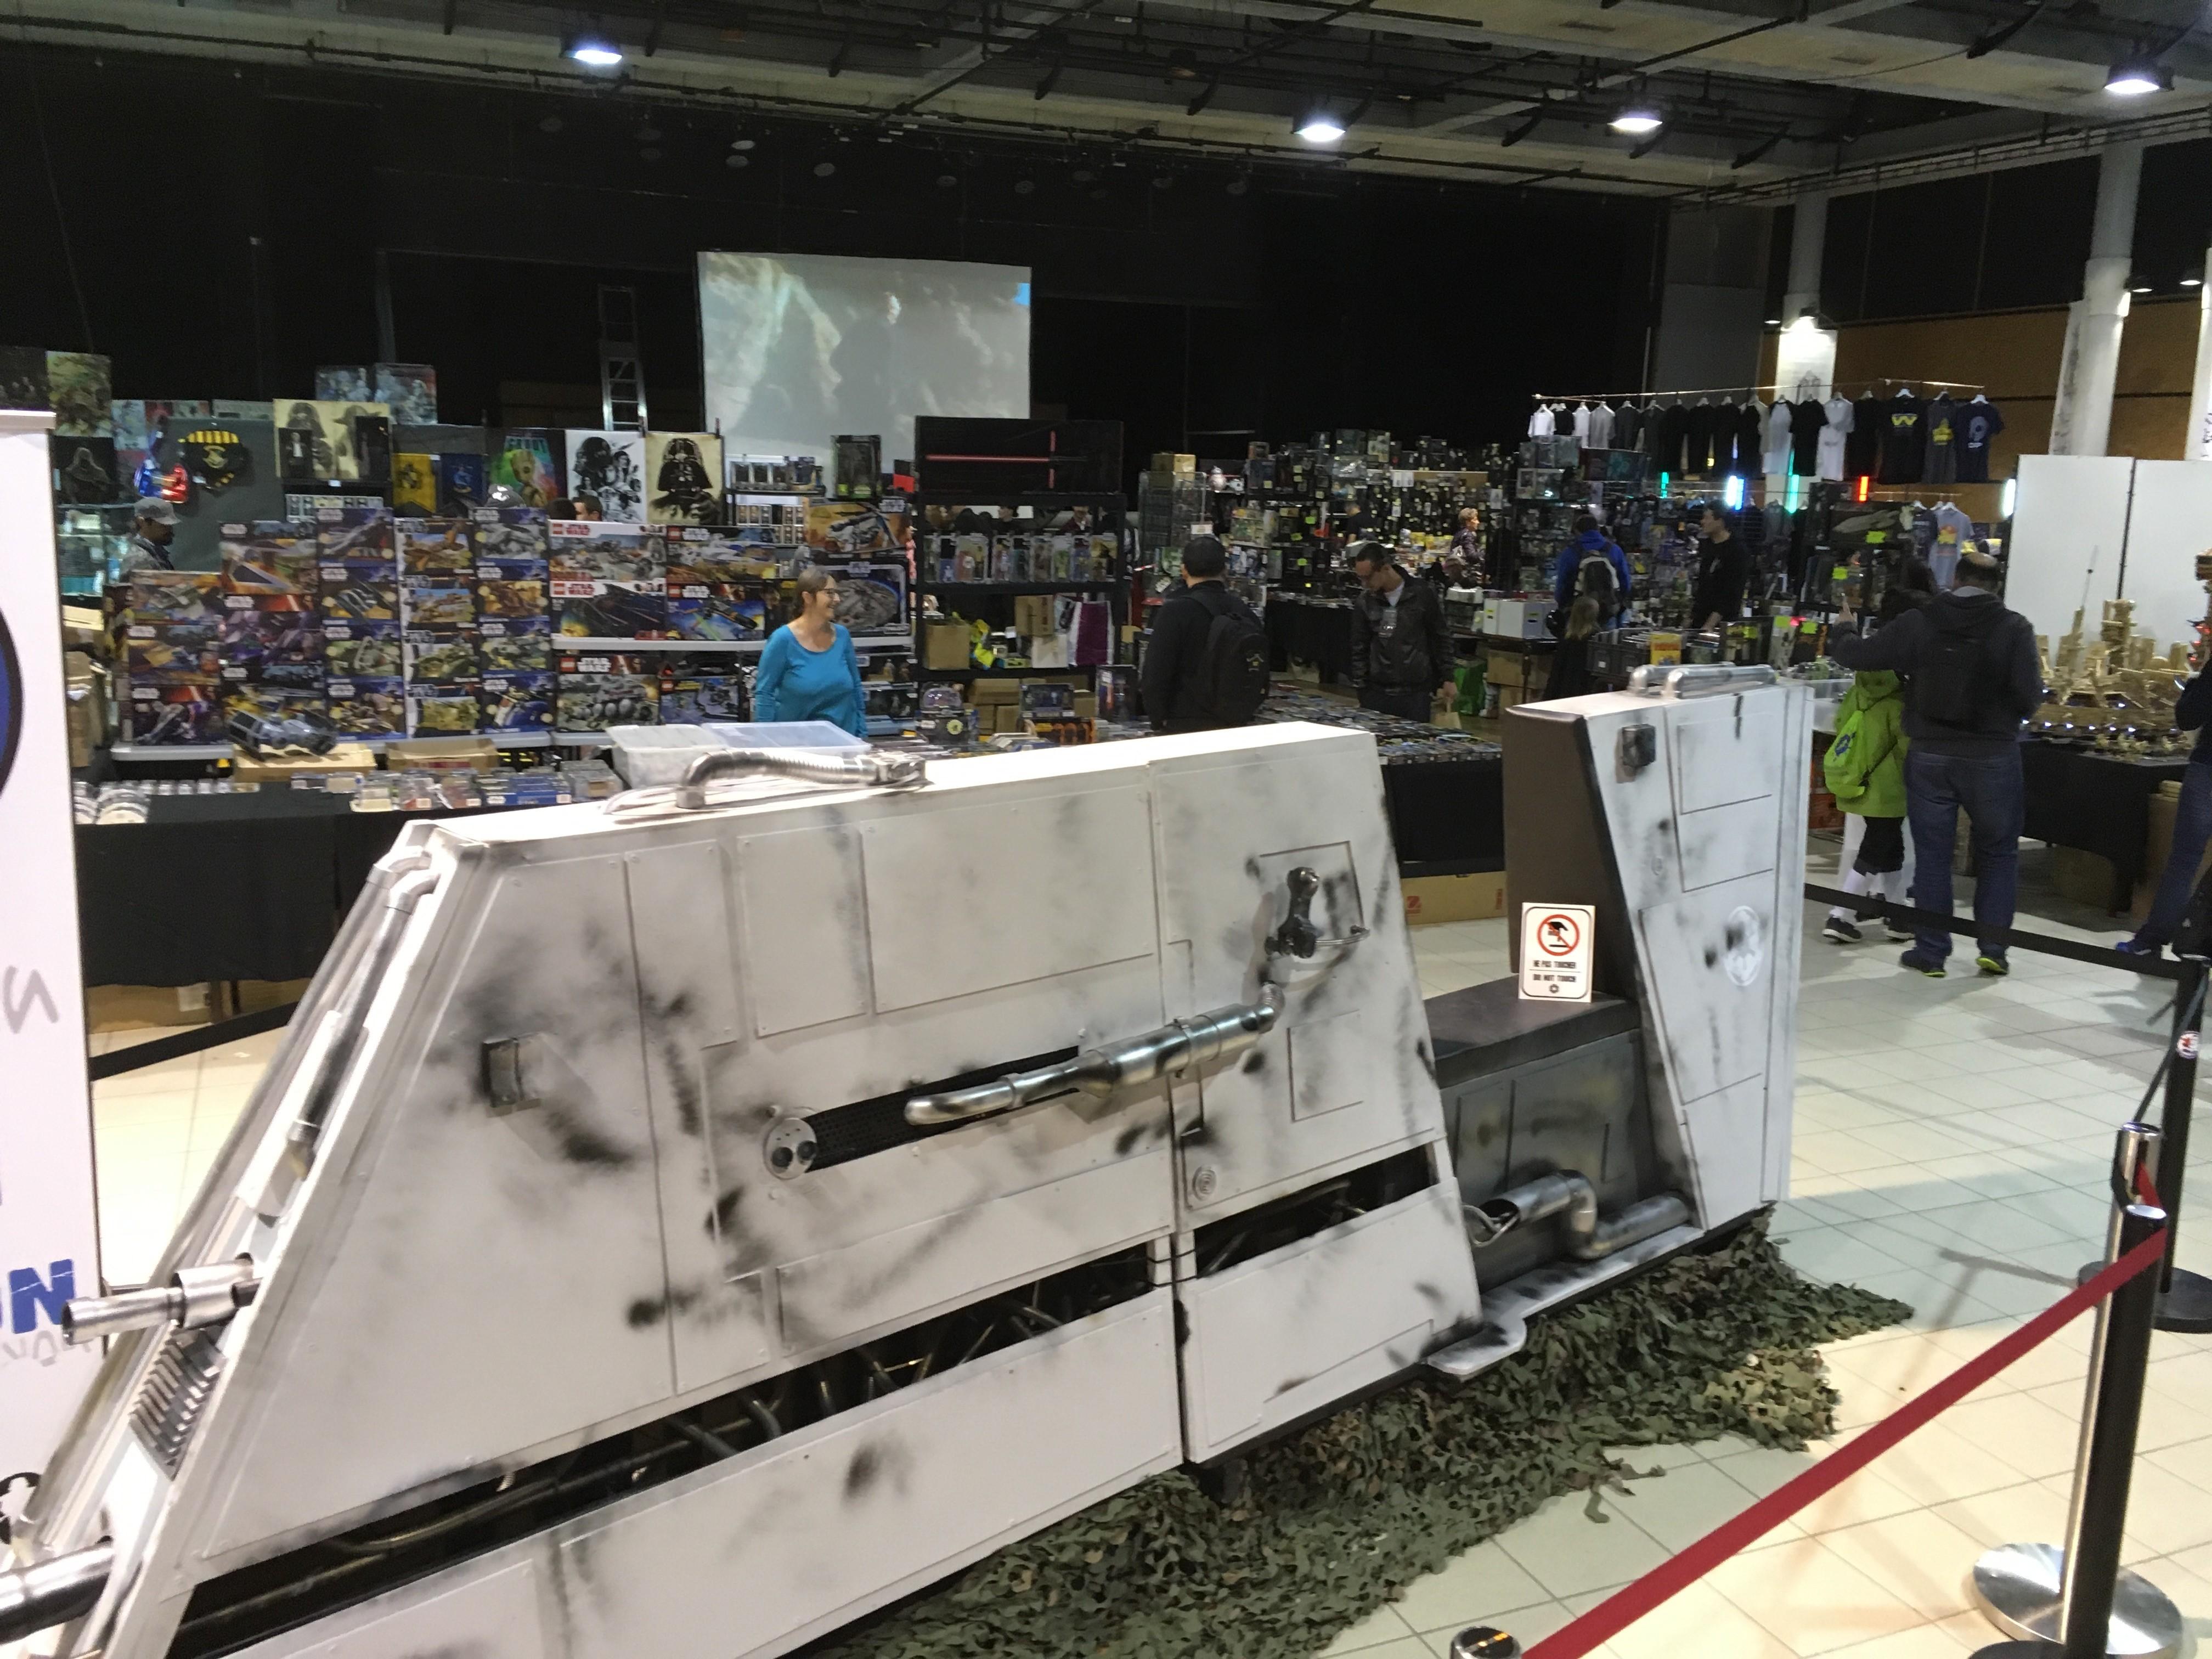 Générations Star Wars et SF 20ème édition - Cusset - 28 et 29 avril 2018 KbBV9m